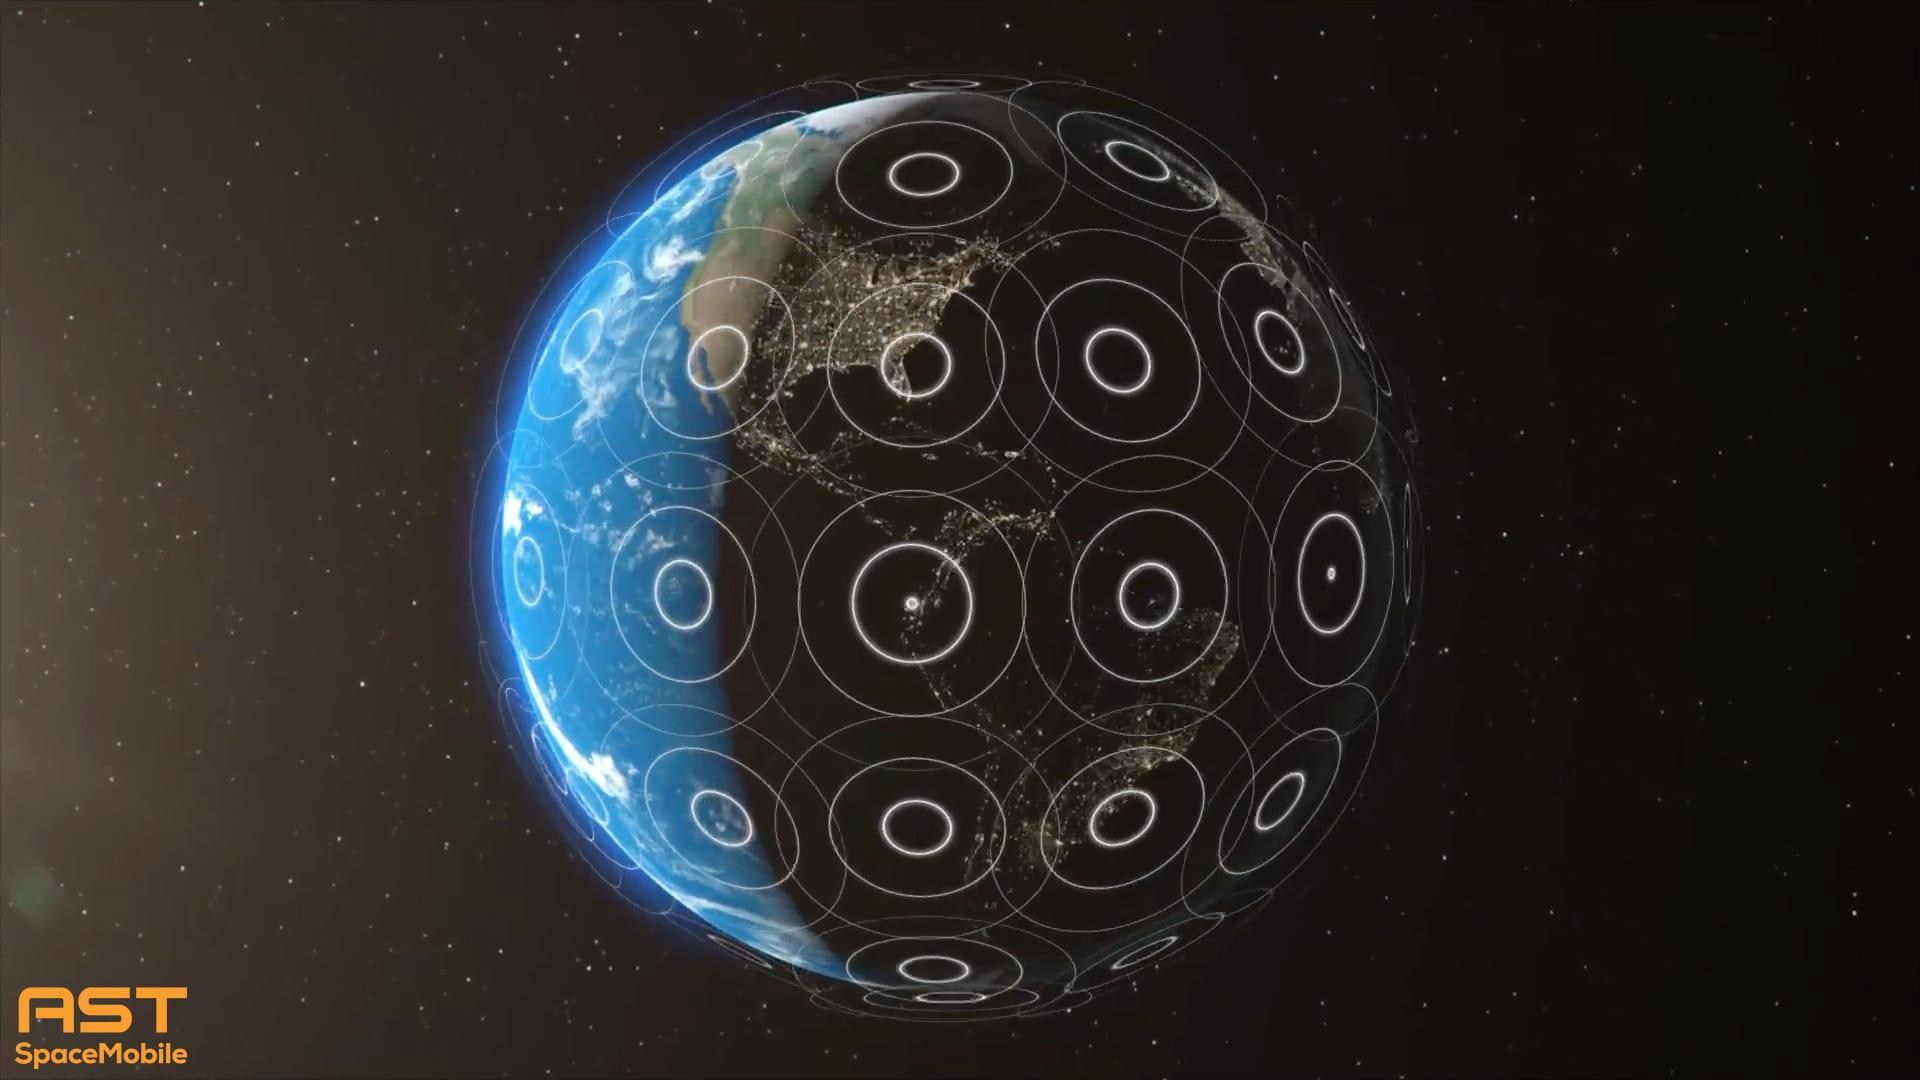 Las acciones de AST SpaceMobile suben a medida que las acciones de Space SPAC comienzan a cotizar en el Nasdaq